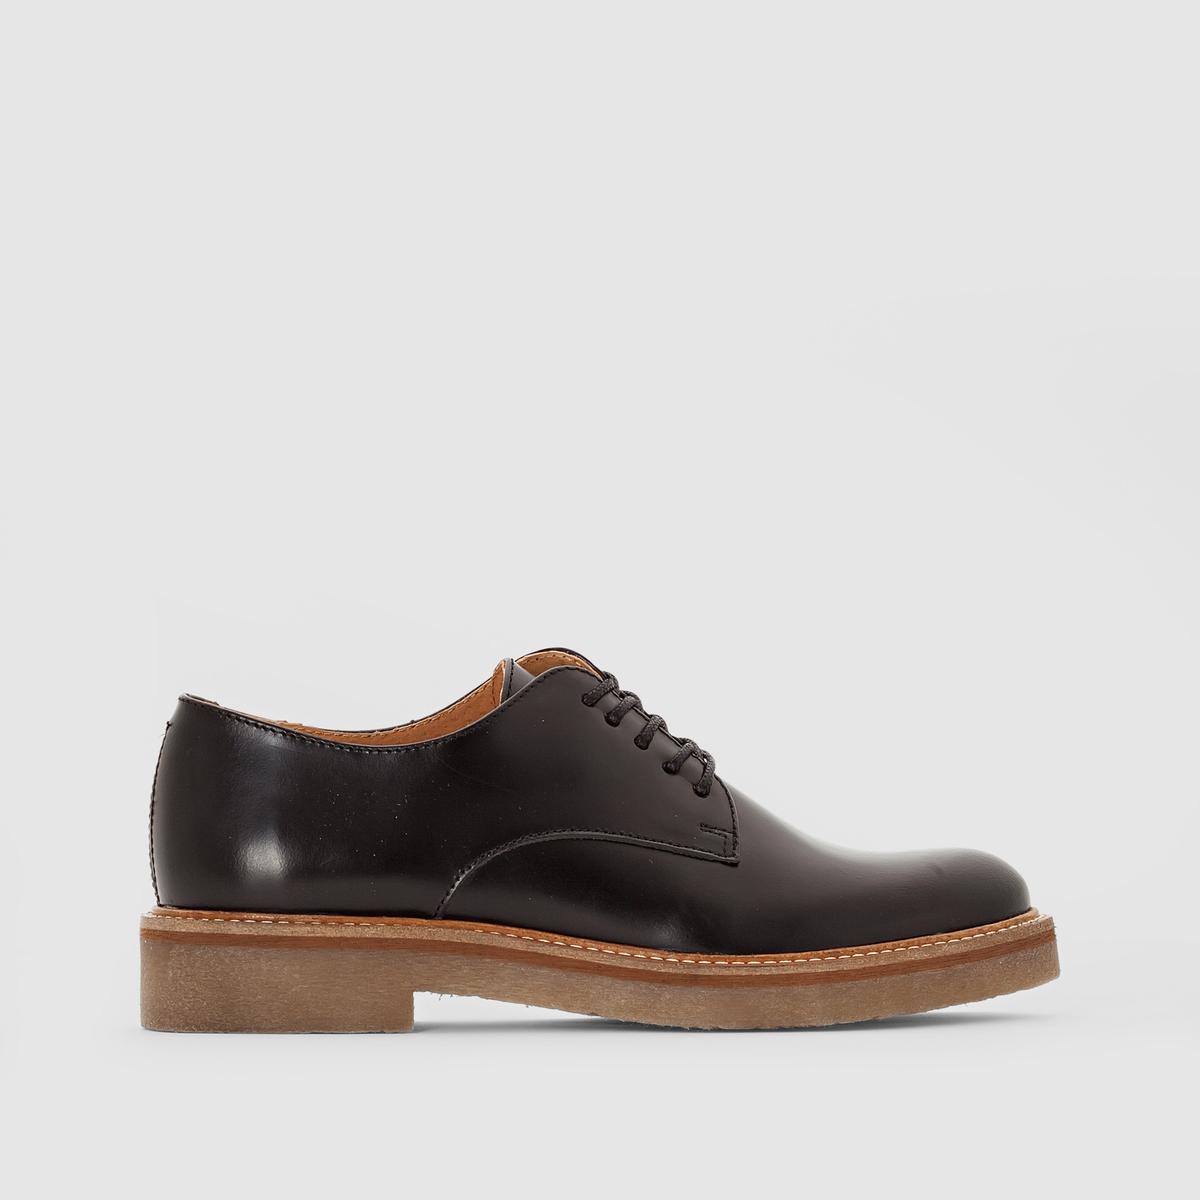 Ботинки-дерби кожаные Oxford